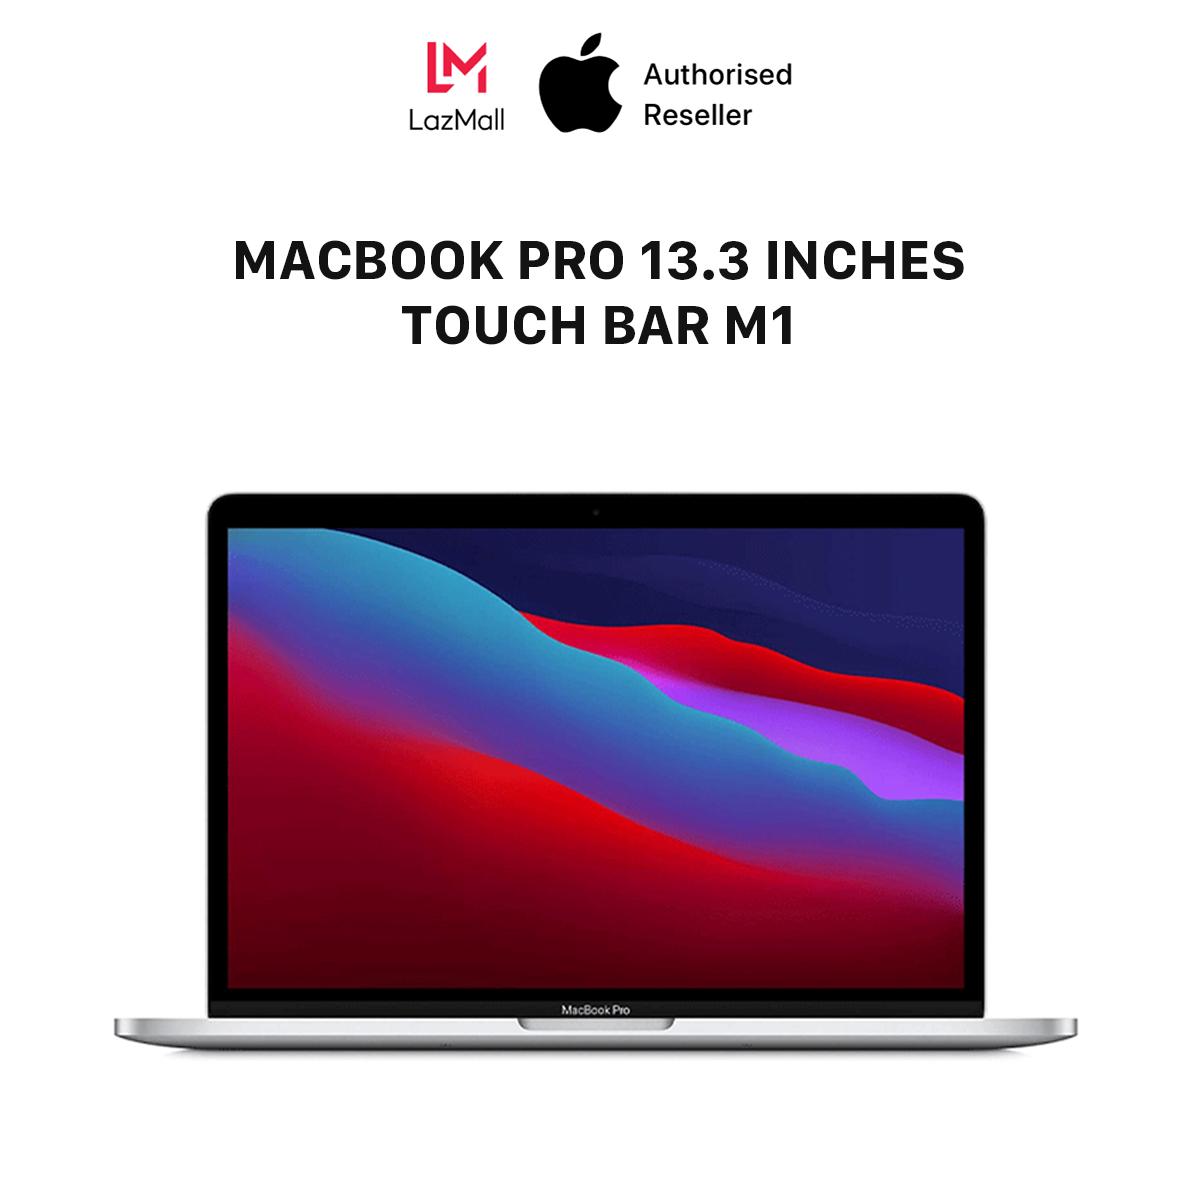 MacBook Pro 13.3 inches Touch Bar M1 Chipset (8GB / 16GB - 256GB / 512GB) - HÀNG CHÍNH HÃNG